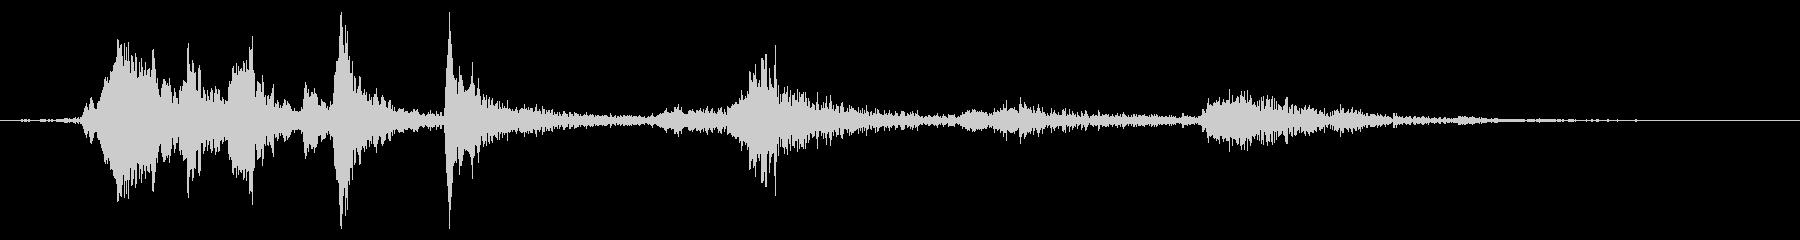 メタル ゲートクローズロング01の未再生の波形